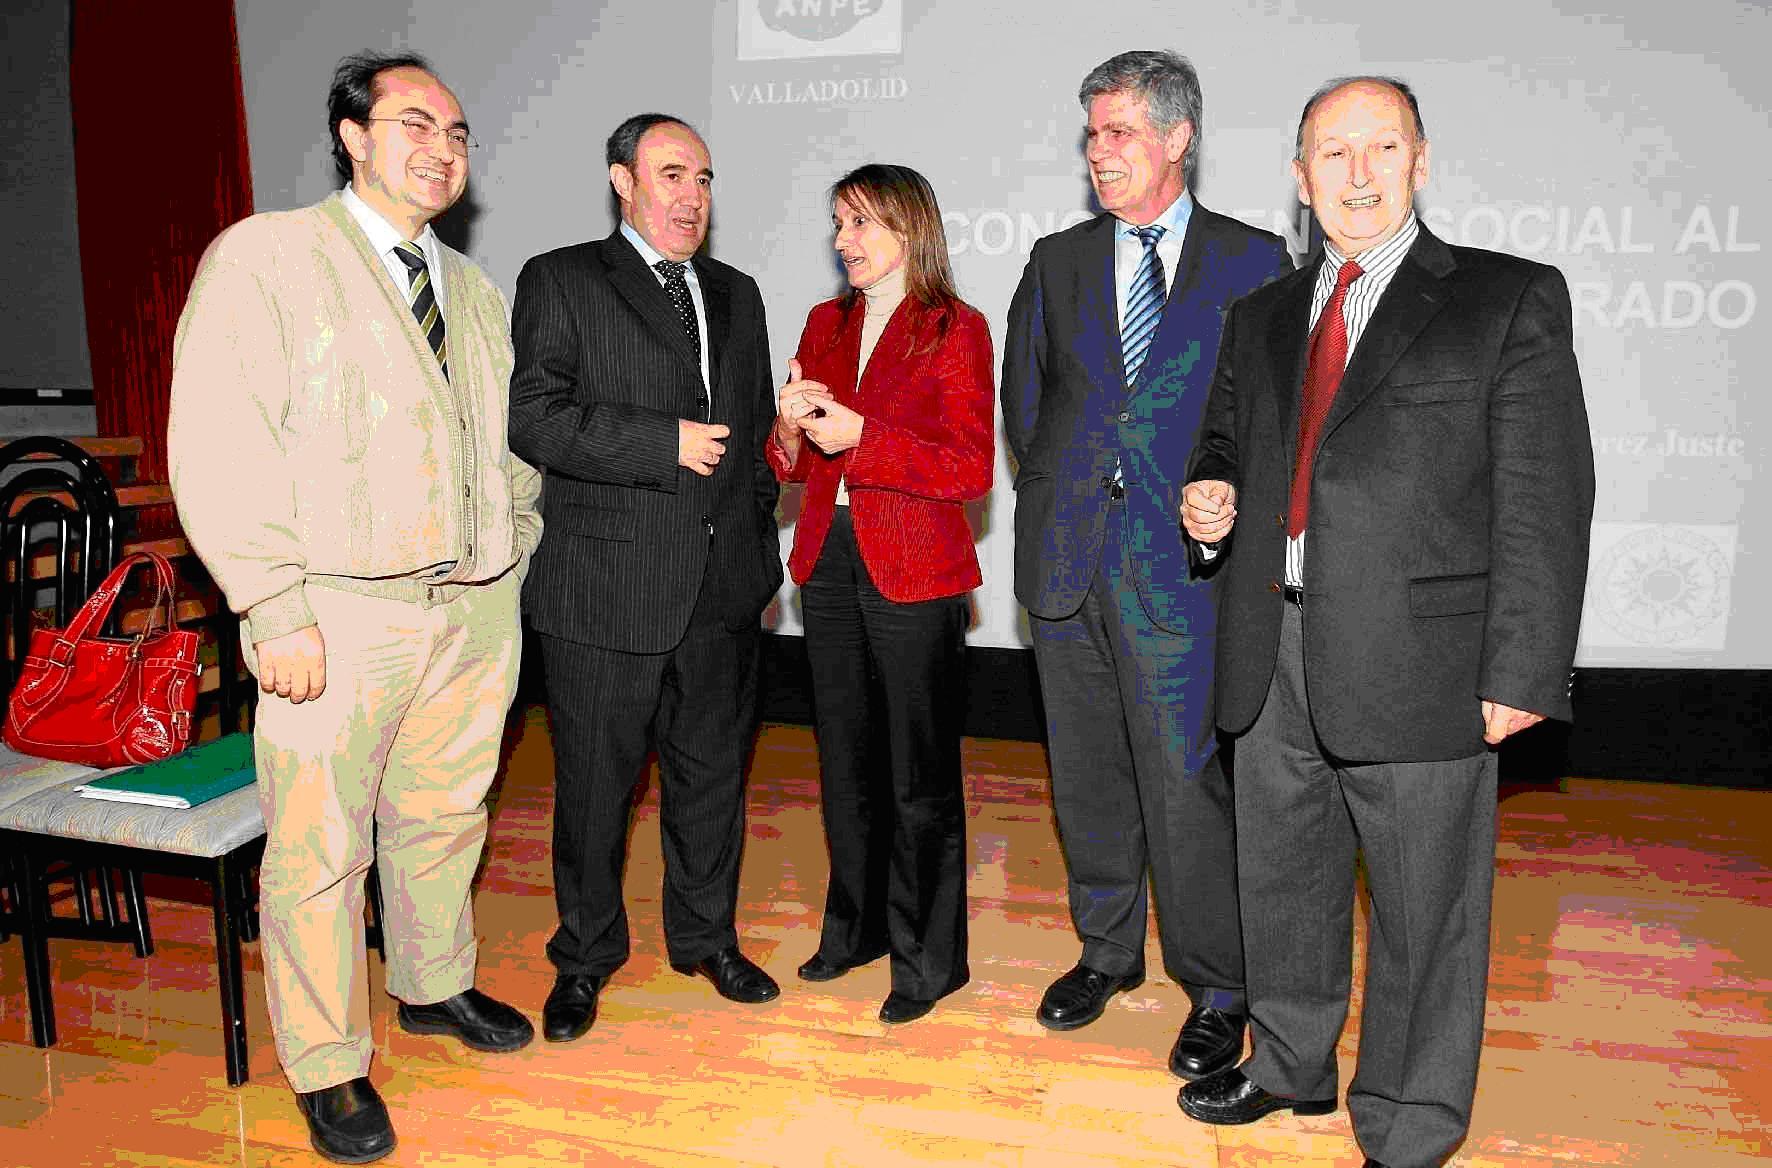 Vidal Arranz, Fernández Guisado, Rocio Lucas, Pérez Juste y Villar